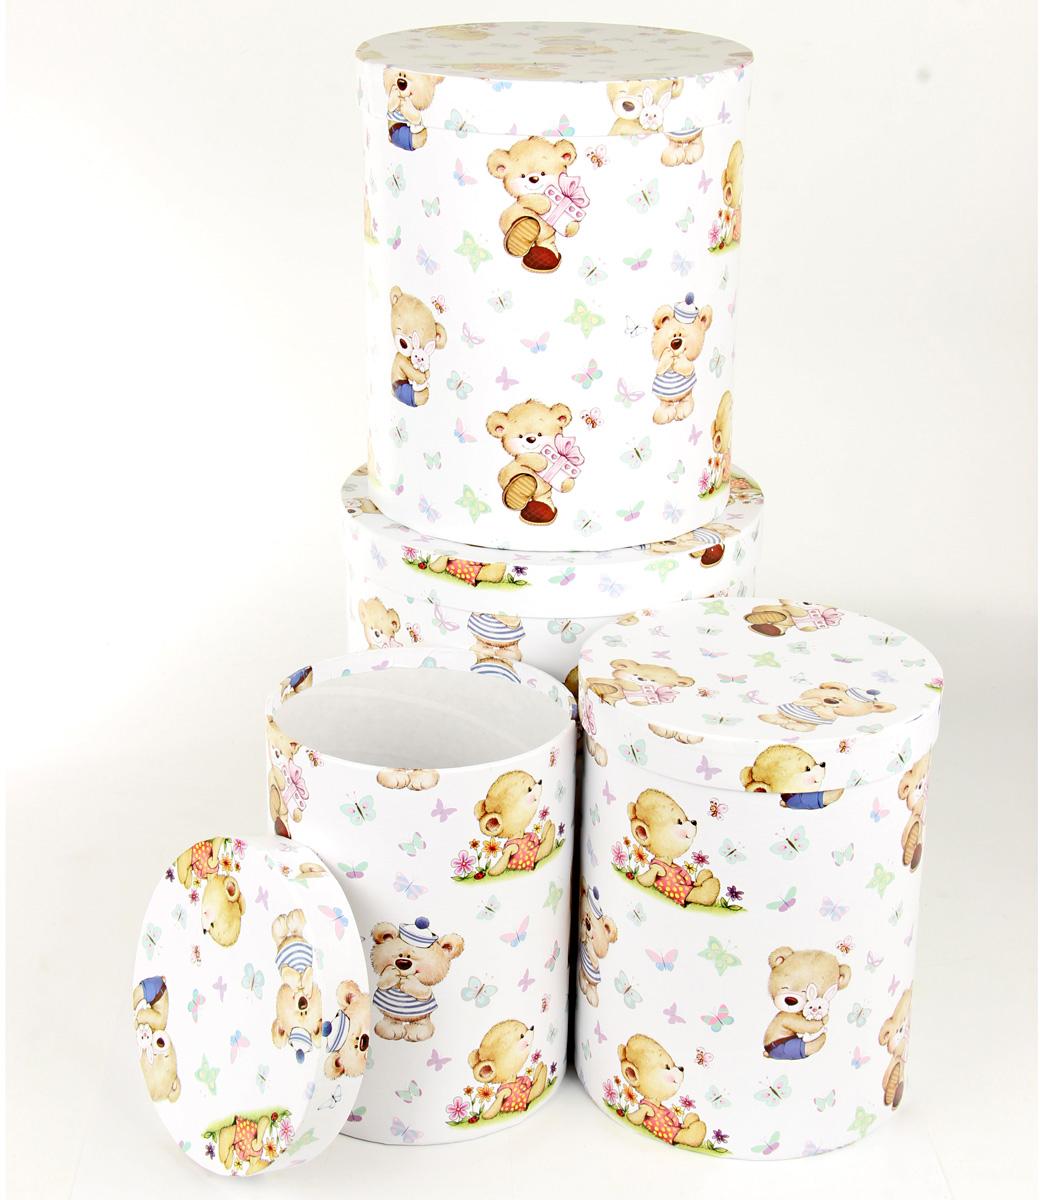 Набор подарочных коробок Veld-Co Миром правит доброта, круглые, 4 шт набор подарочных коробок veld co небесные музыканты круглые 4 шт